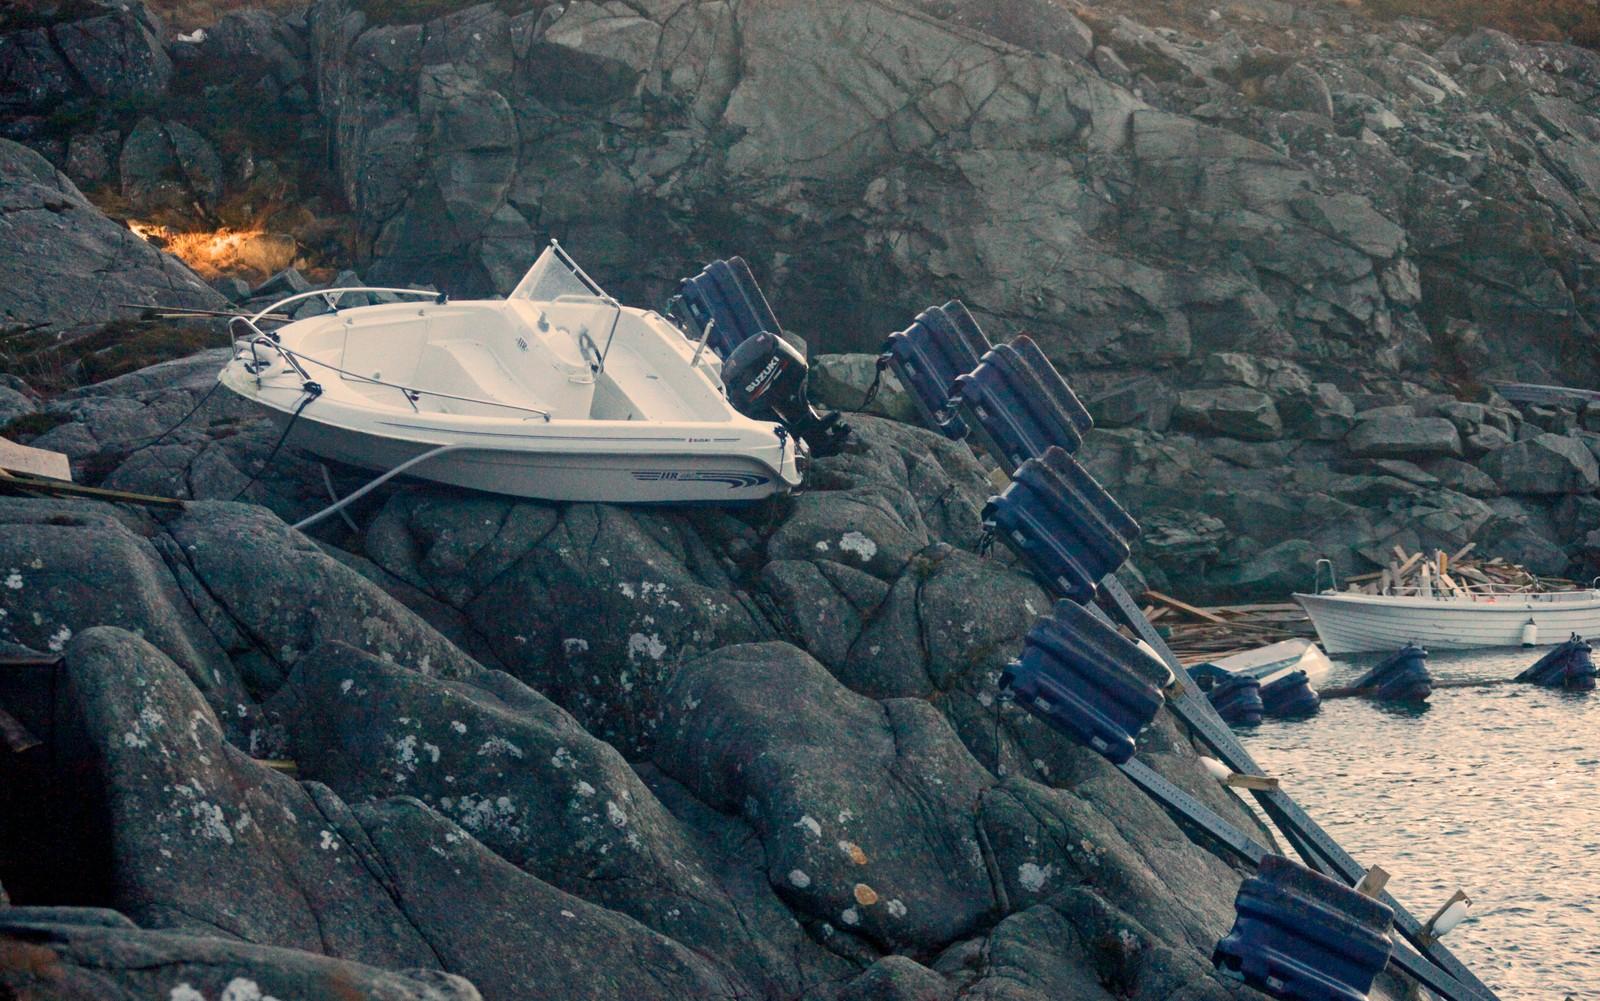 I Eltravågen i Sveio har det gått hardt for seg. Her er en båt skylt på land.